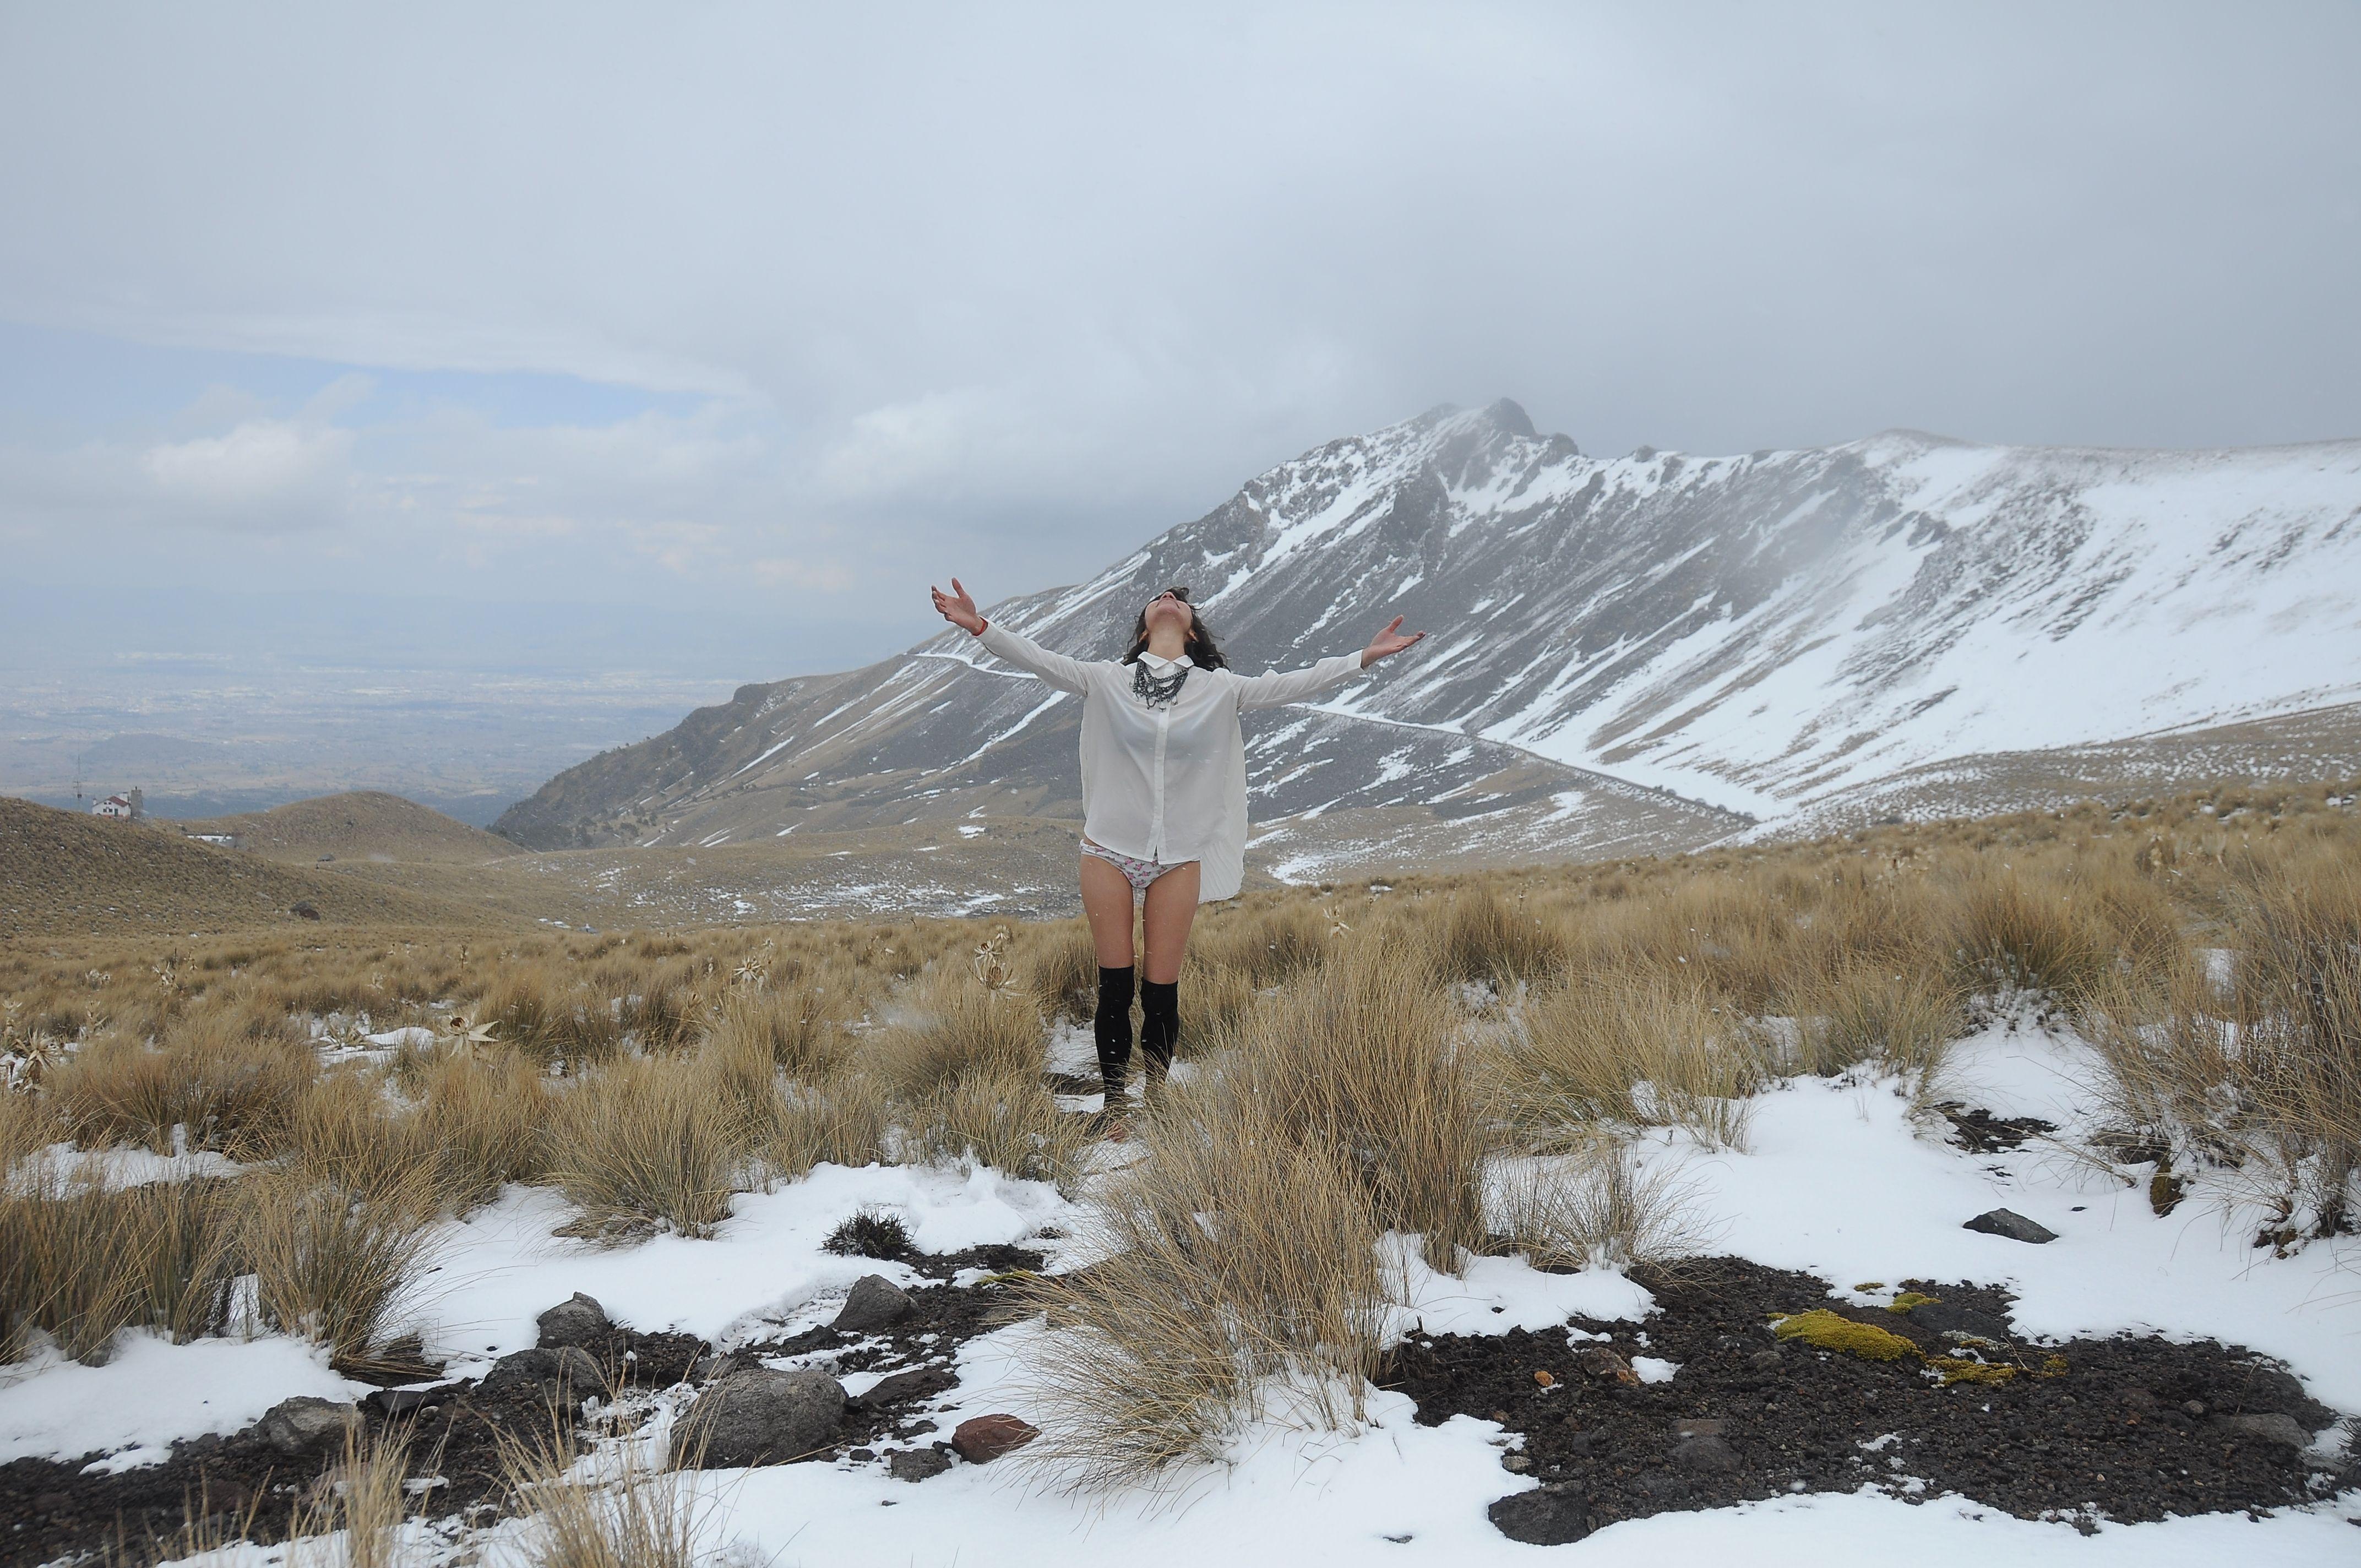 Nevado de Toluca #nature